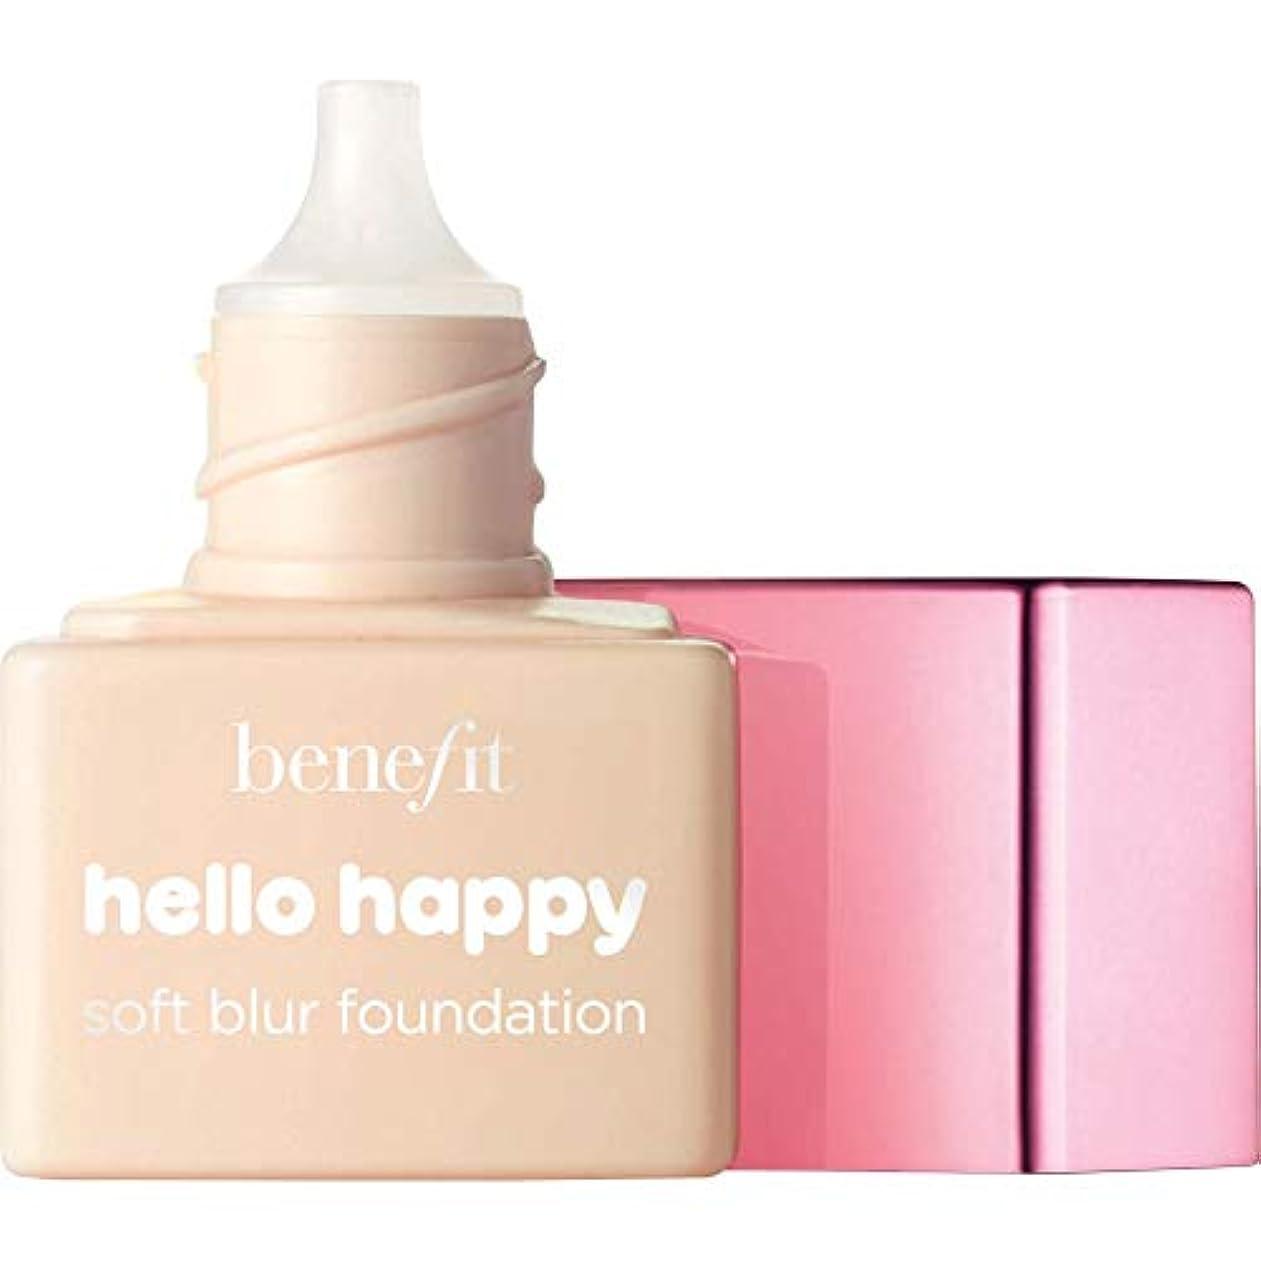 やりがいのある気候の山選ぶ[Benefit ] ミニ2 - - ハロー幸せソフトブラー基礎Spf15の6ミリリットルの利益に暖かい光 - Benefit Hello Happy Soft Blur Foundation SPF15 6ml - Mini...